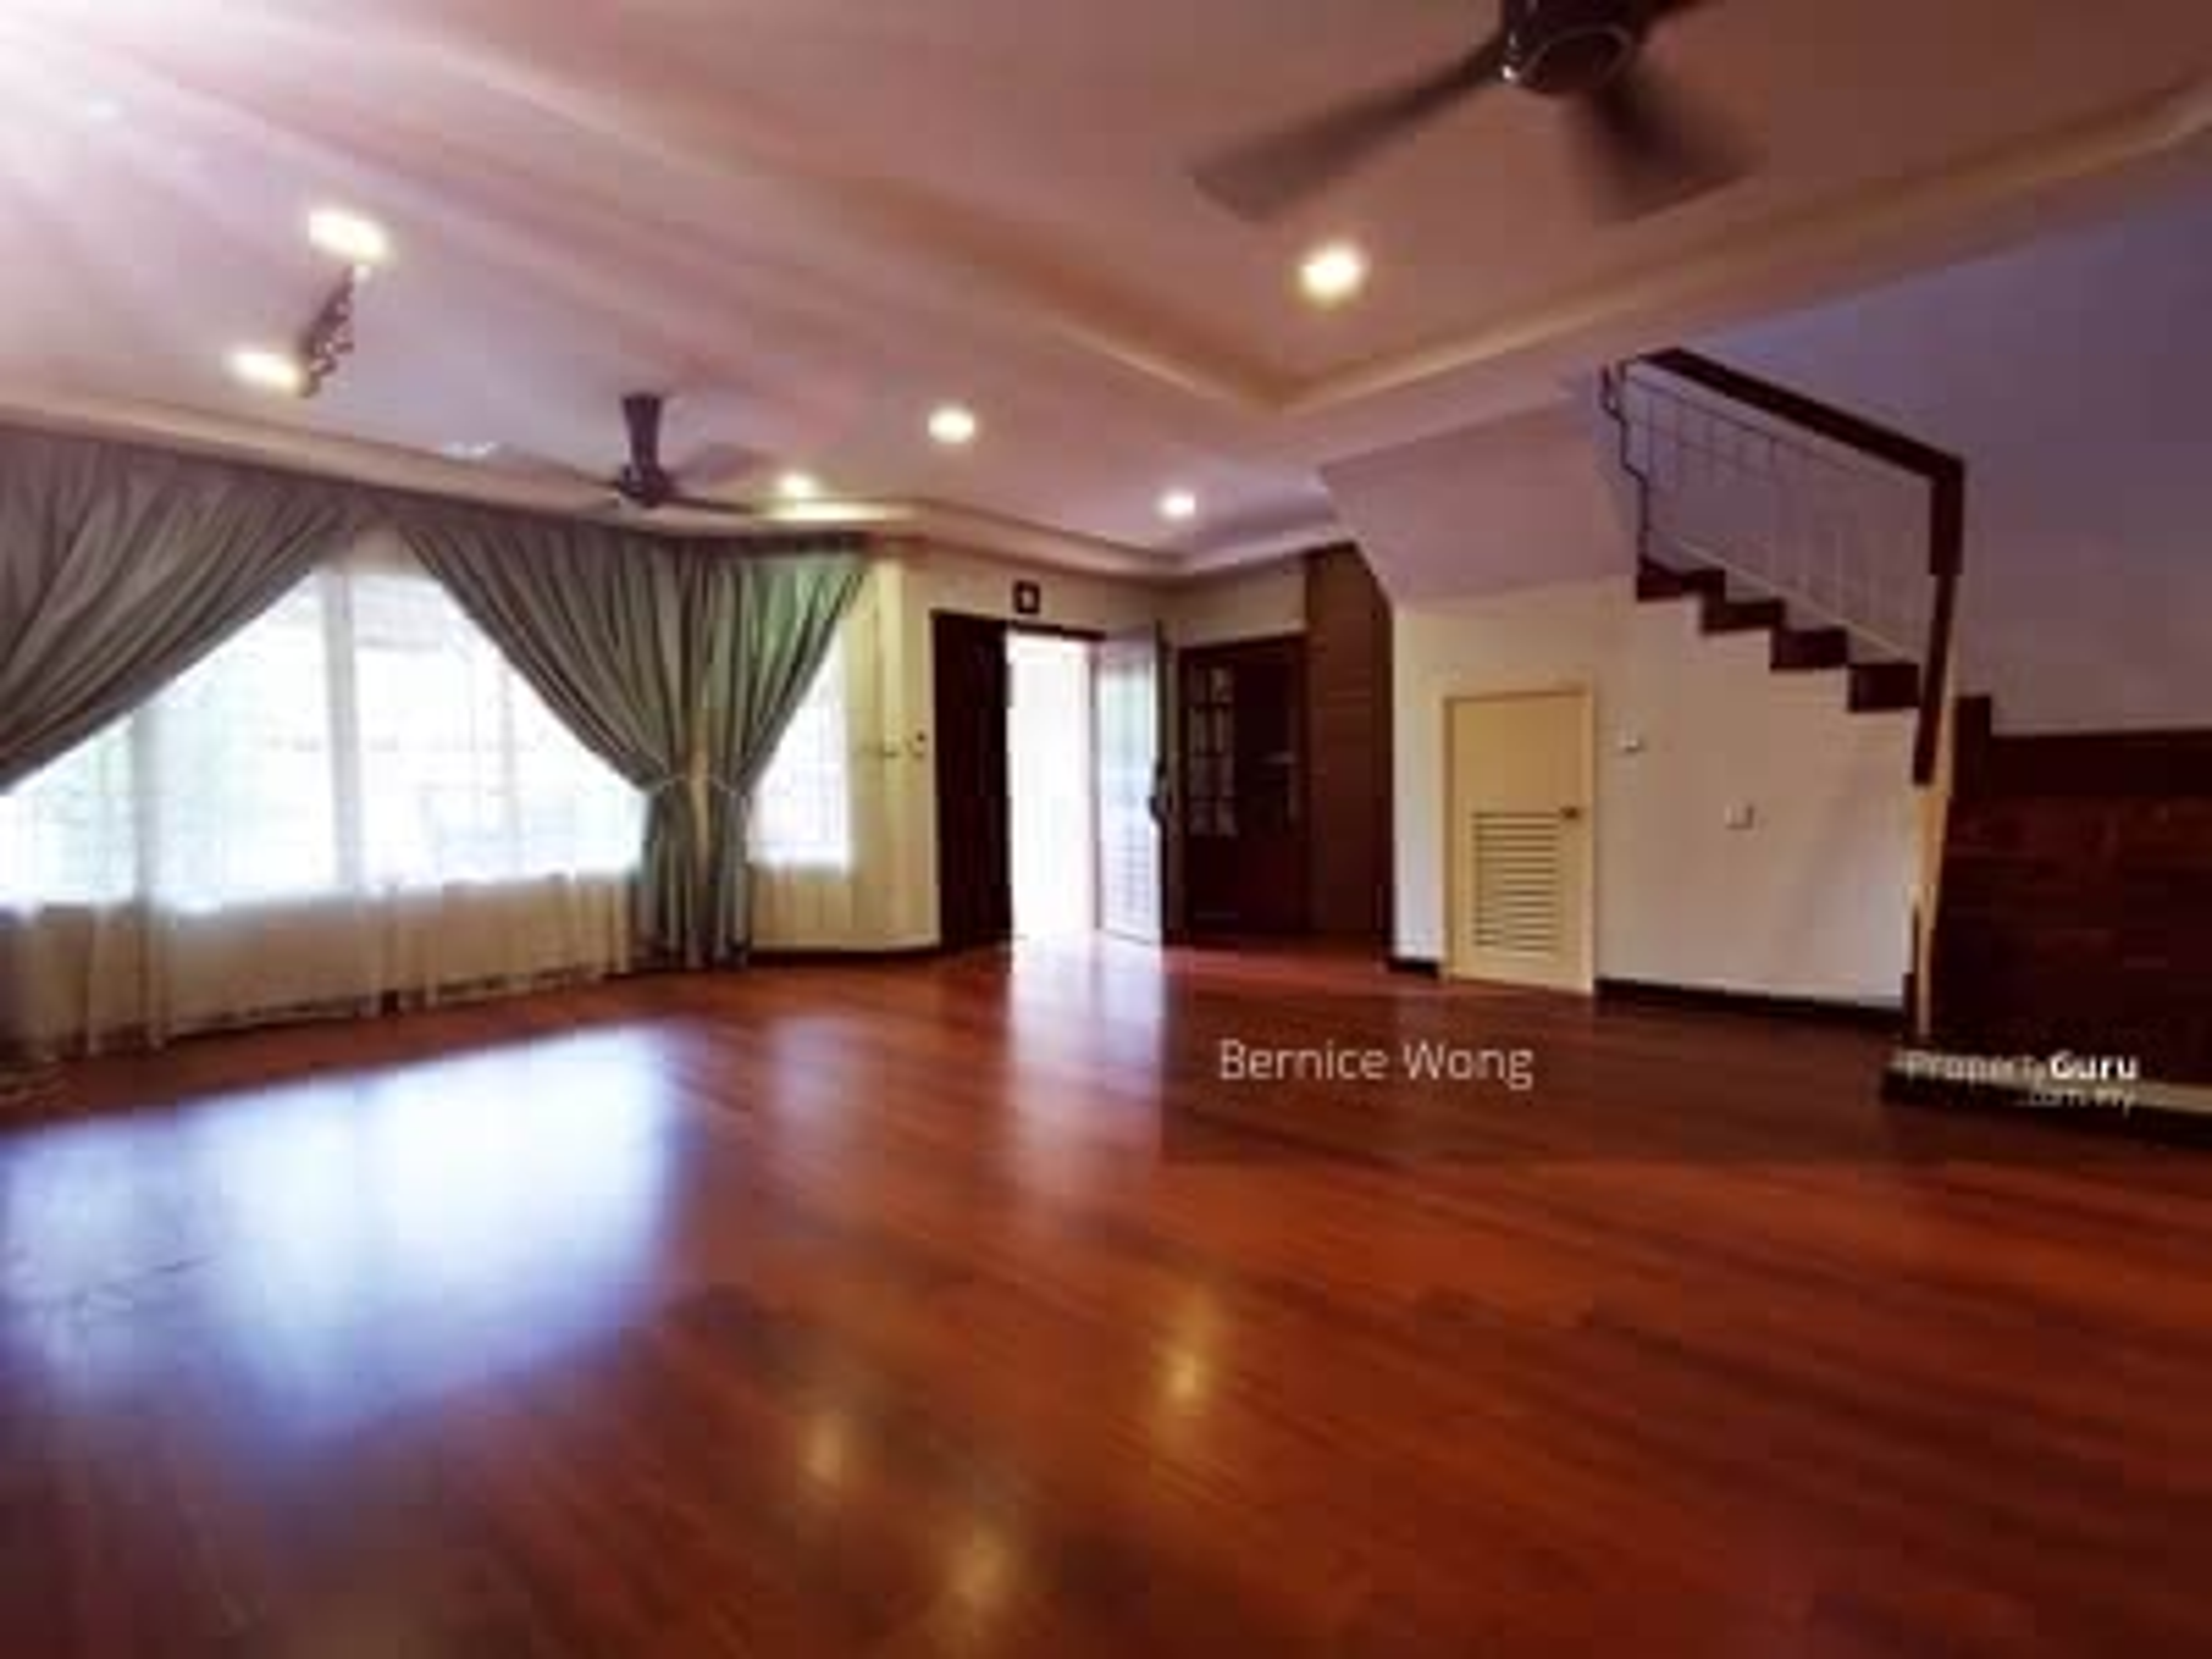 For Sale - Kota Damansara, Bayu Damansara, Sepah Puteri, Seksyen 5